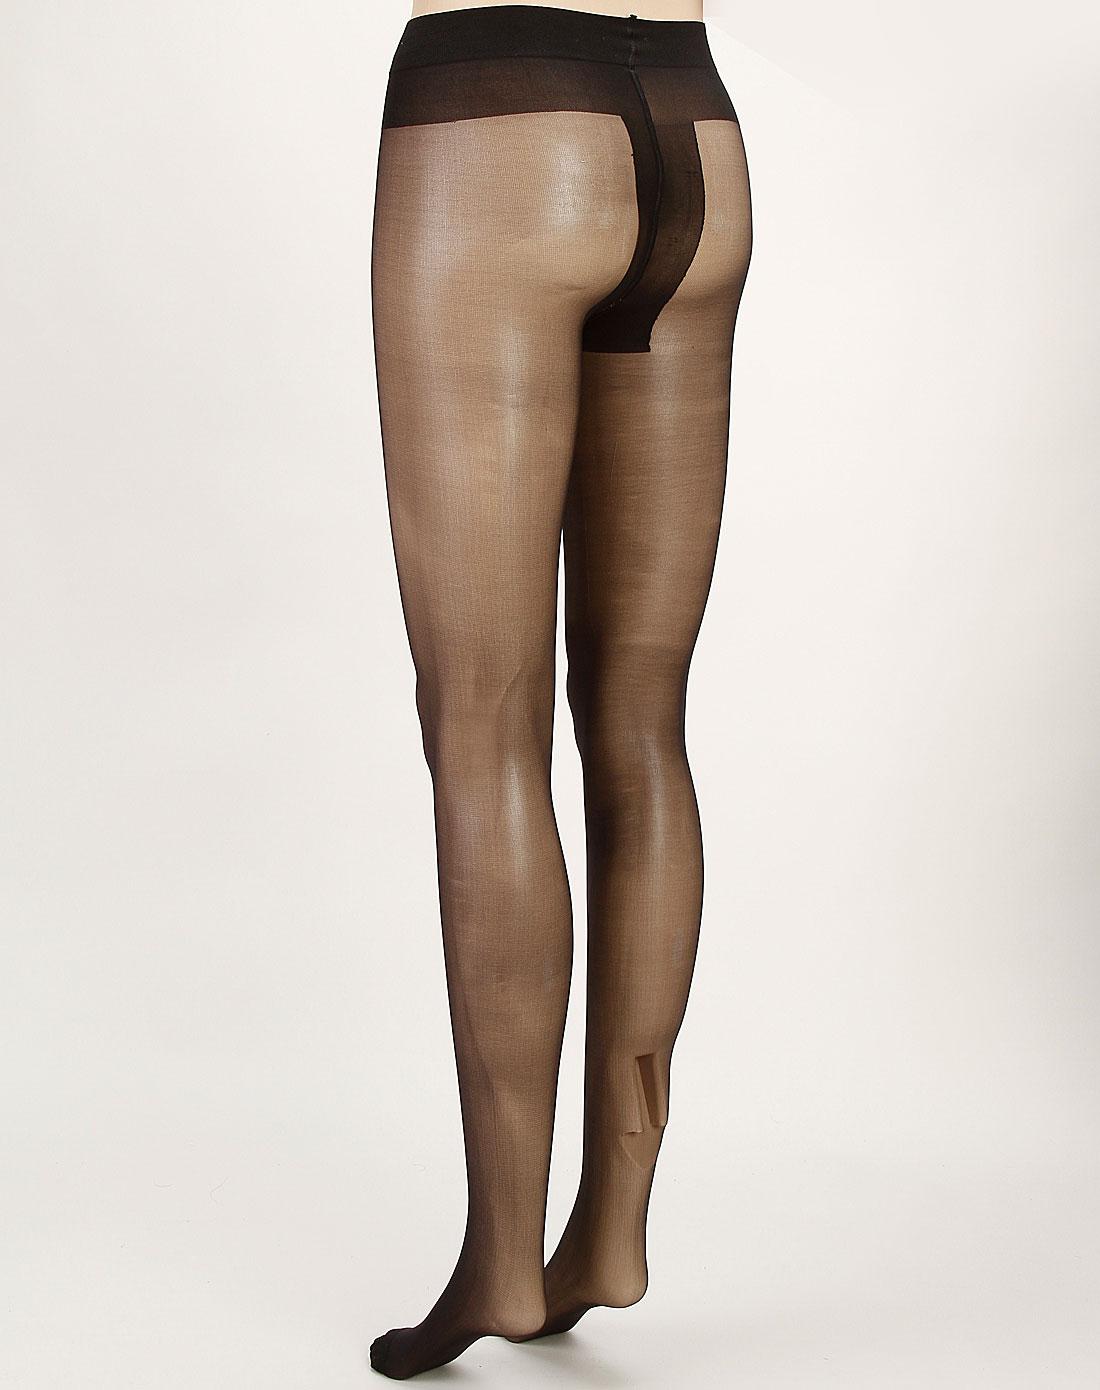 寓美女款黑色t形裆天鹅绒连裤袜4851001